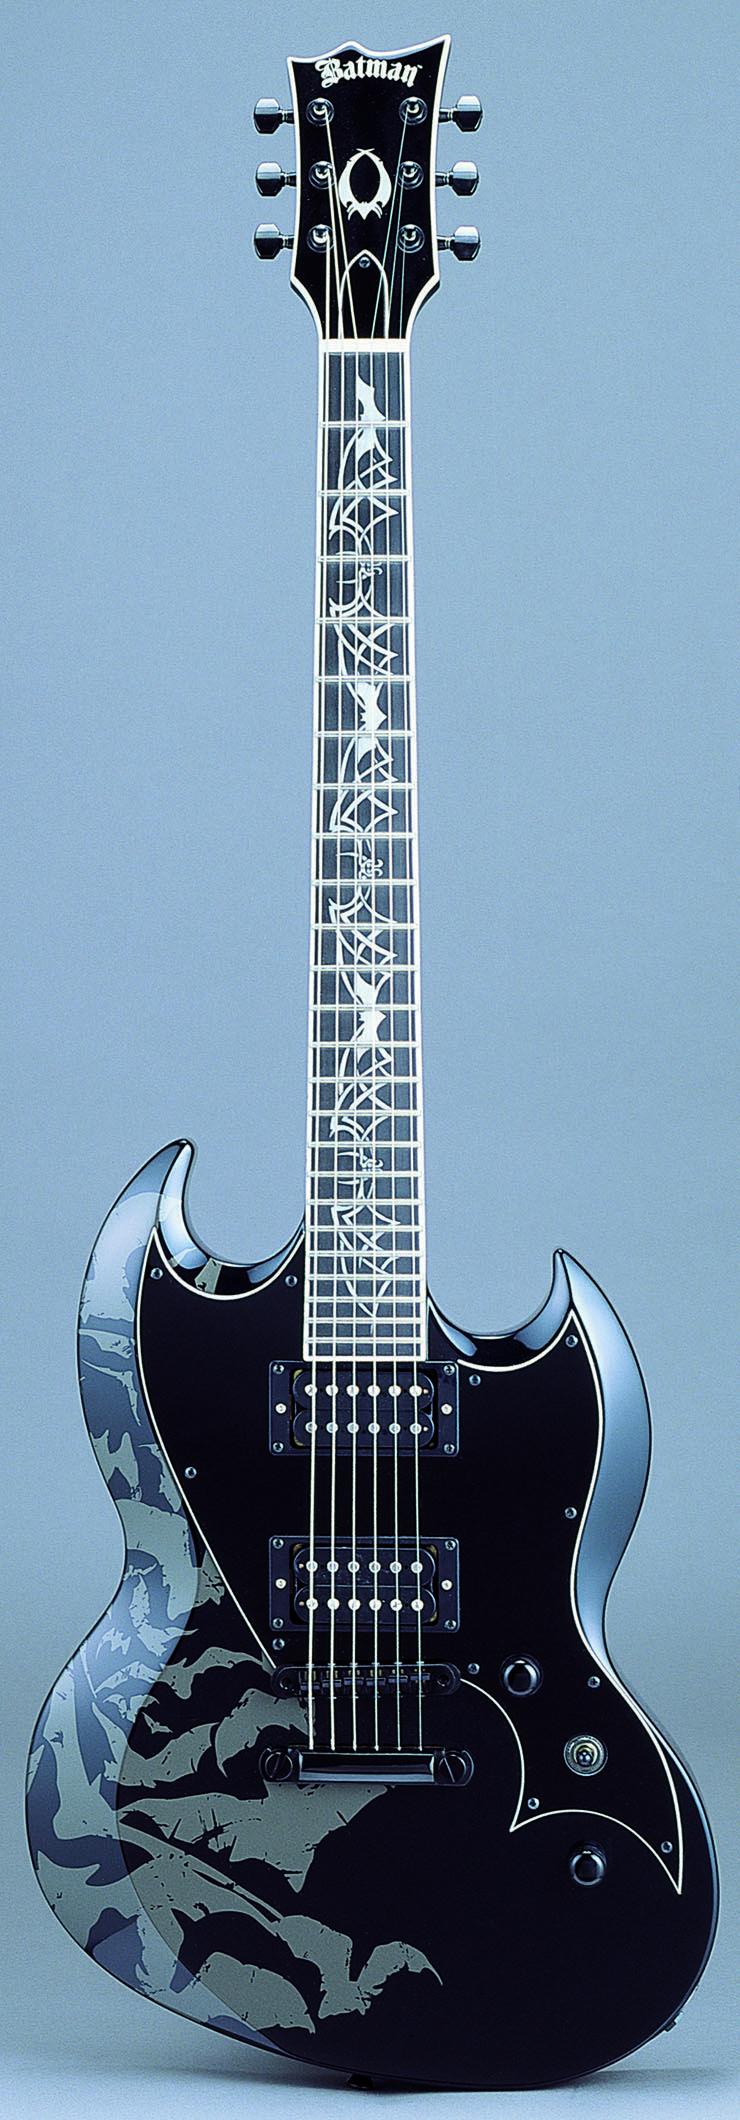 Batman guitar Guitars t Guitars